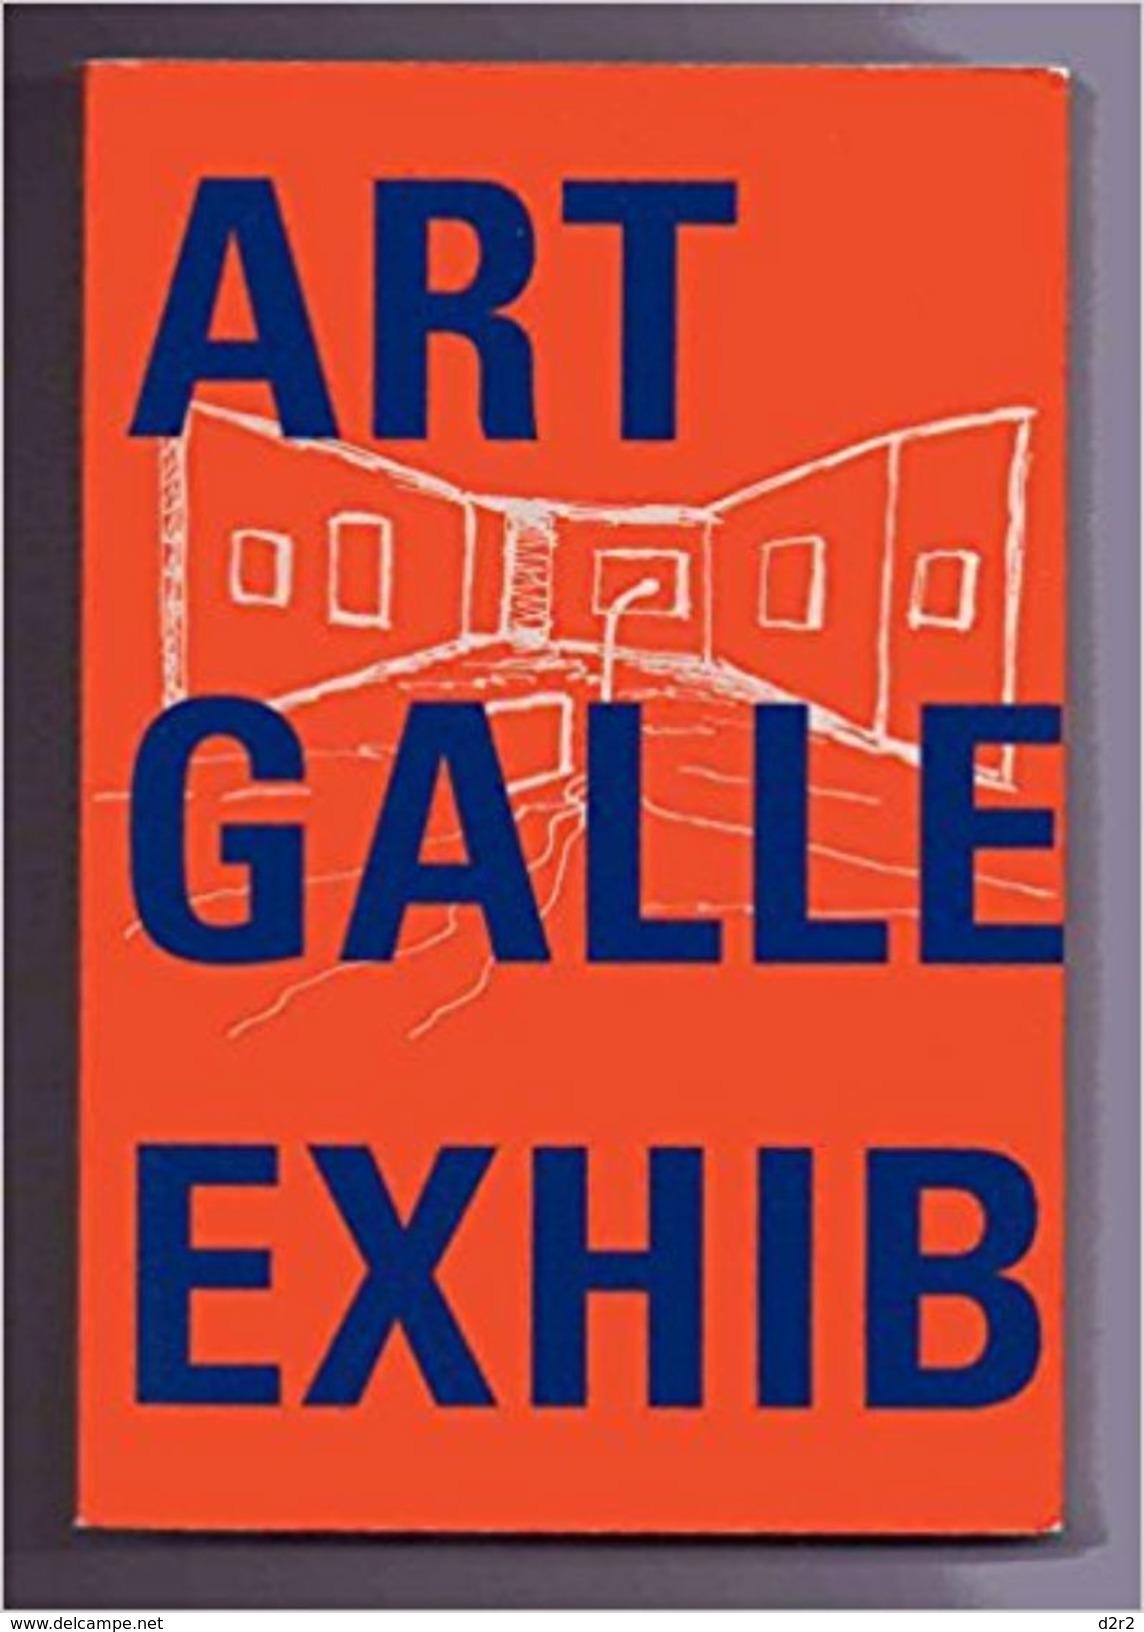 ART GALLERY EXHIBITING / OCCASION, MAIS BON ETAT / EPUISE/ - Histoire De L'Art Et Critique